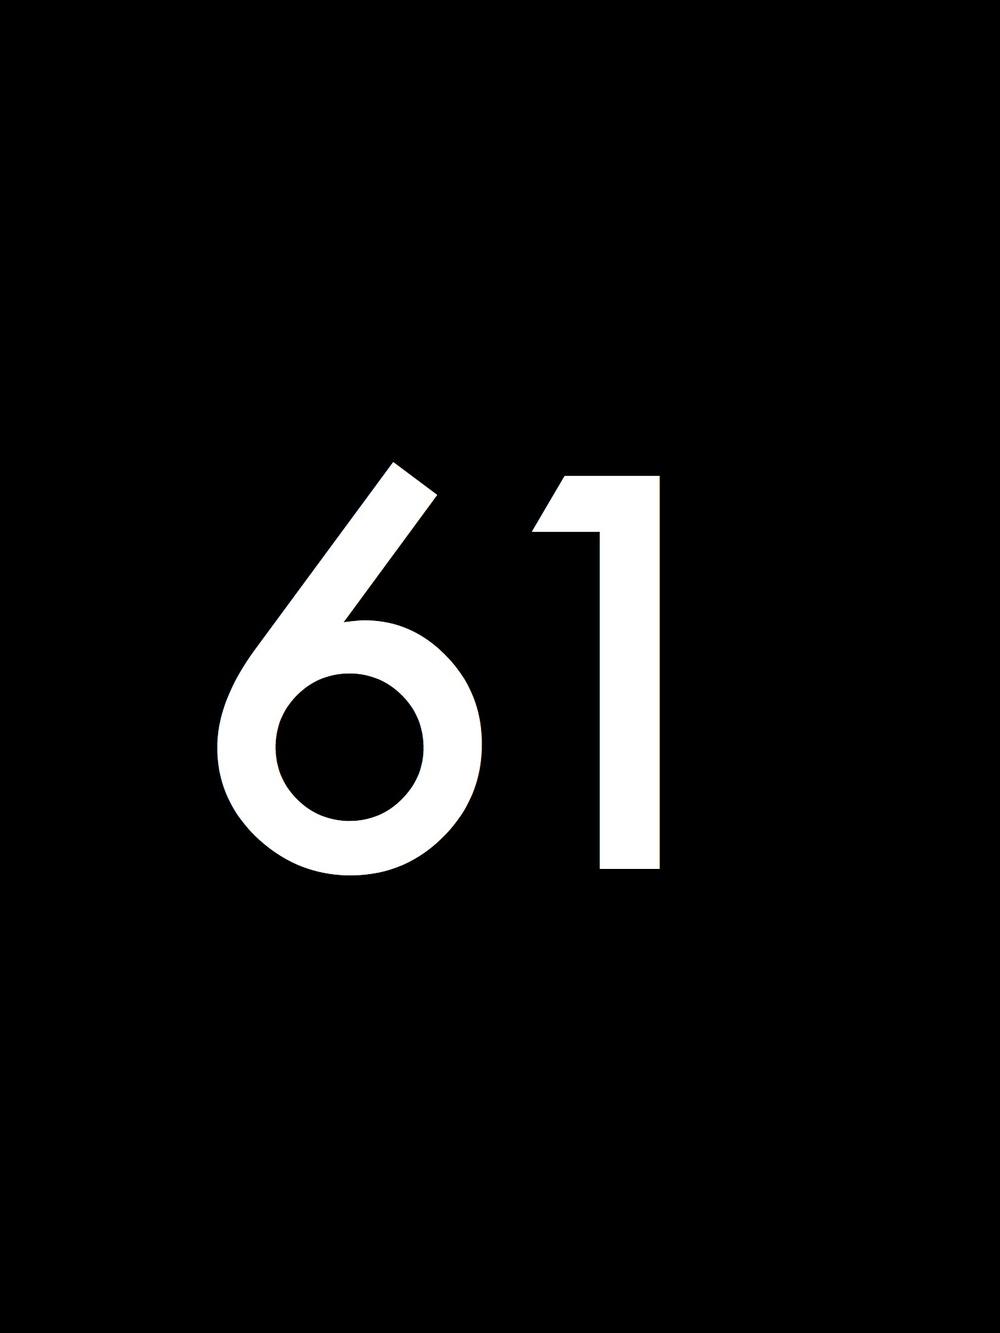 Black_Number.061.jpg